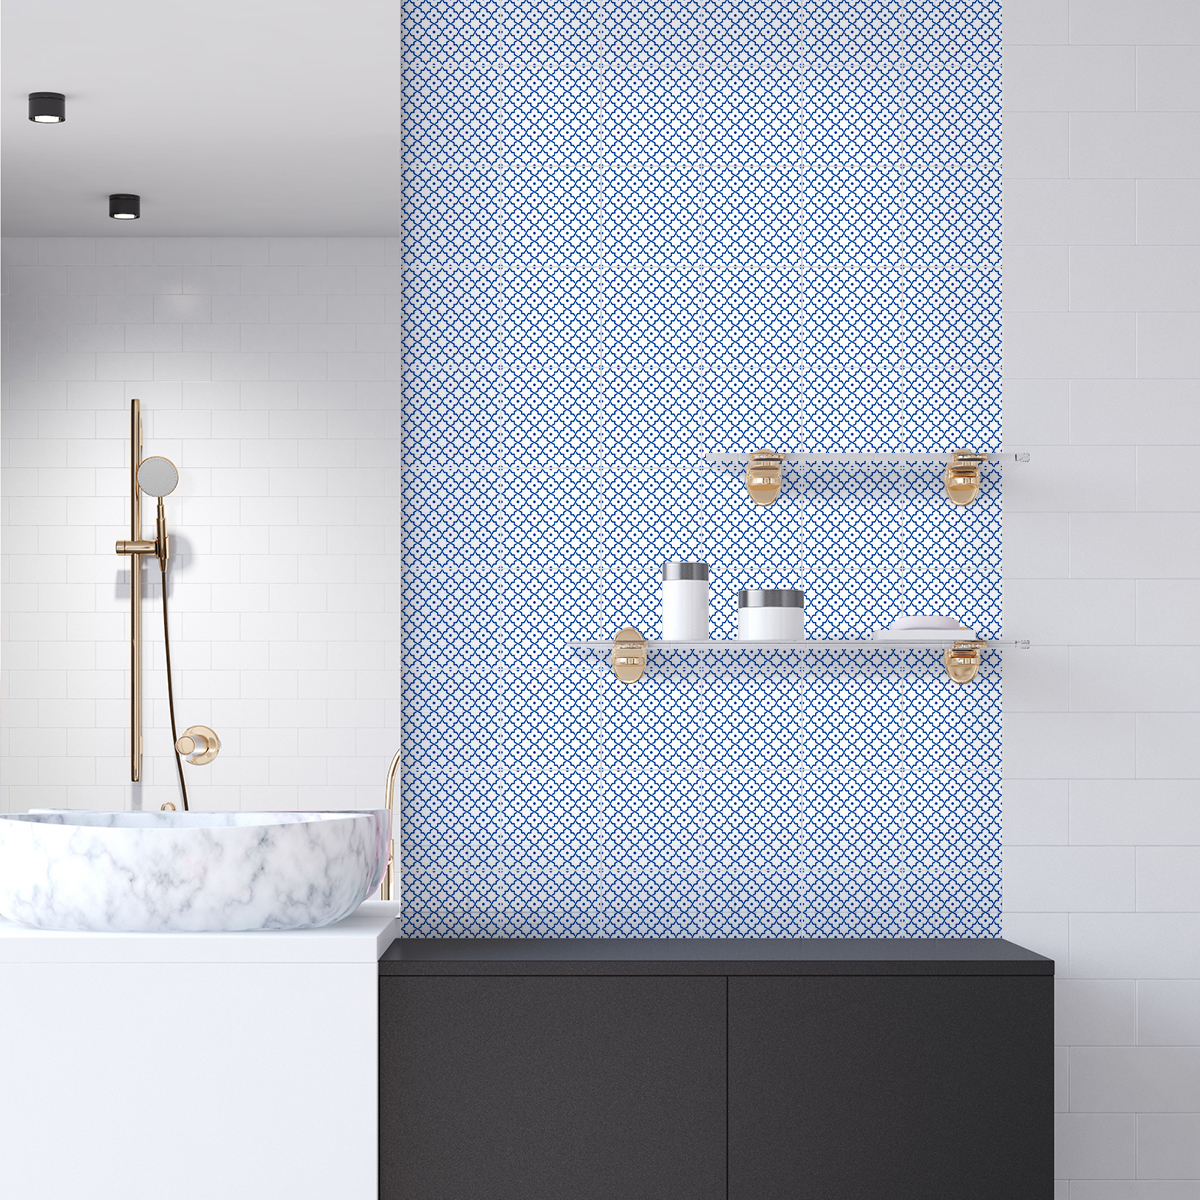 Salle De Bain Aqualys ~ 60 Stickers Carreaux De Ciment Oriental Zarzis Cuisine Carrelages